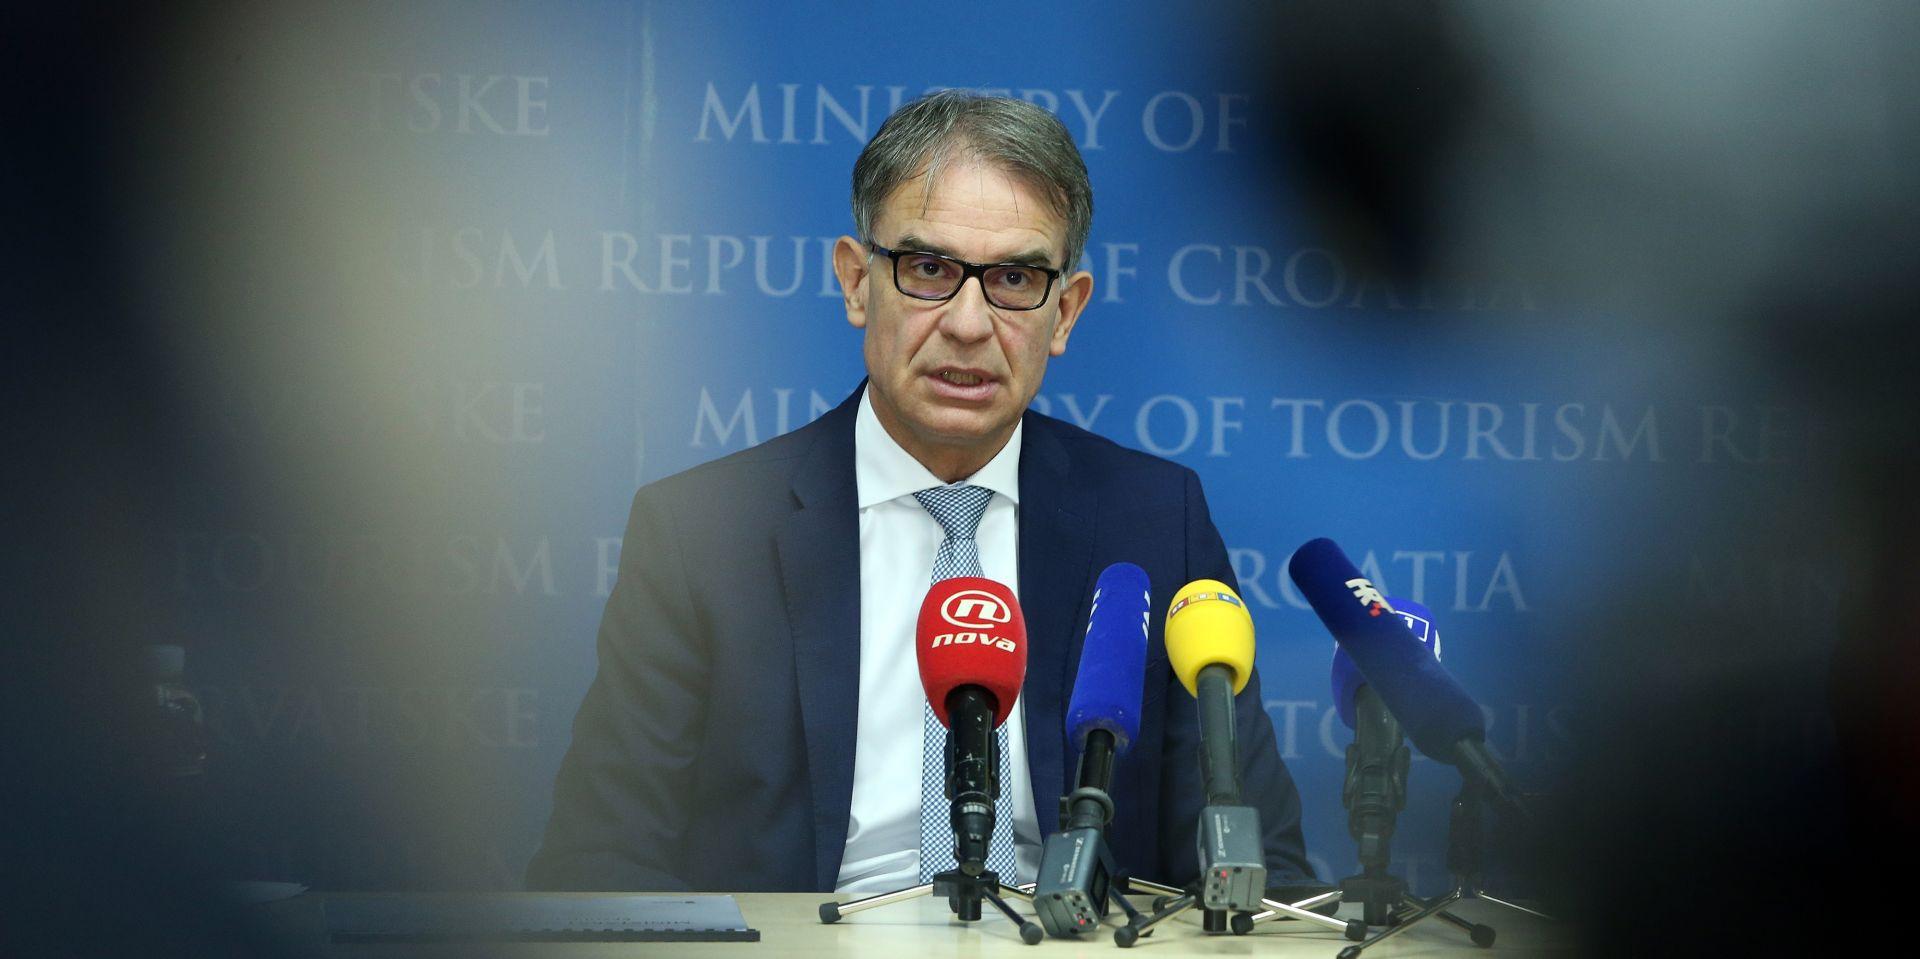 Cappelli: Odnosi sa slovenskim ministarstvom dobri, za turizam neće biti problema